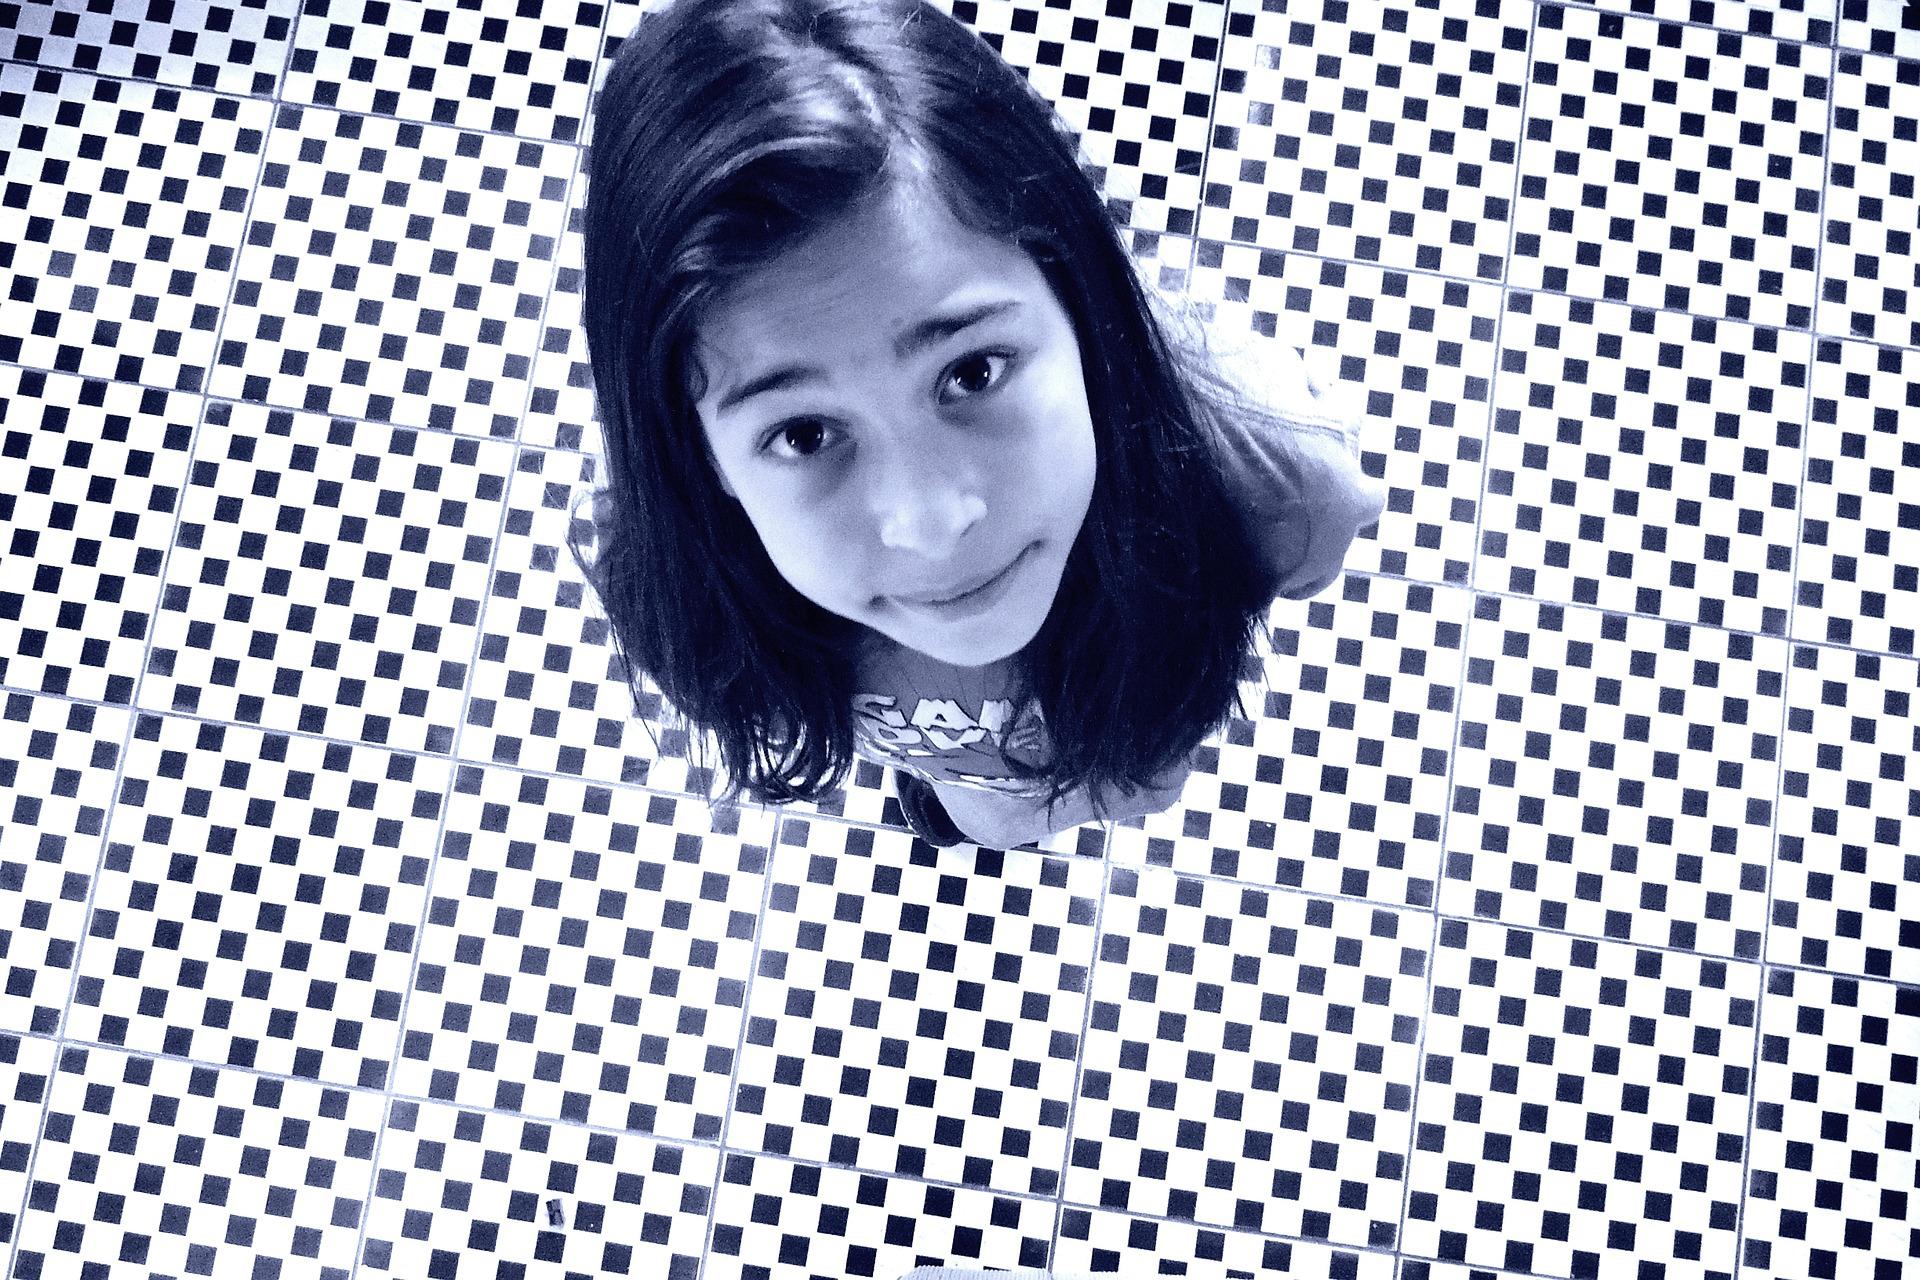 girl-637619_1920.jpg